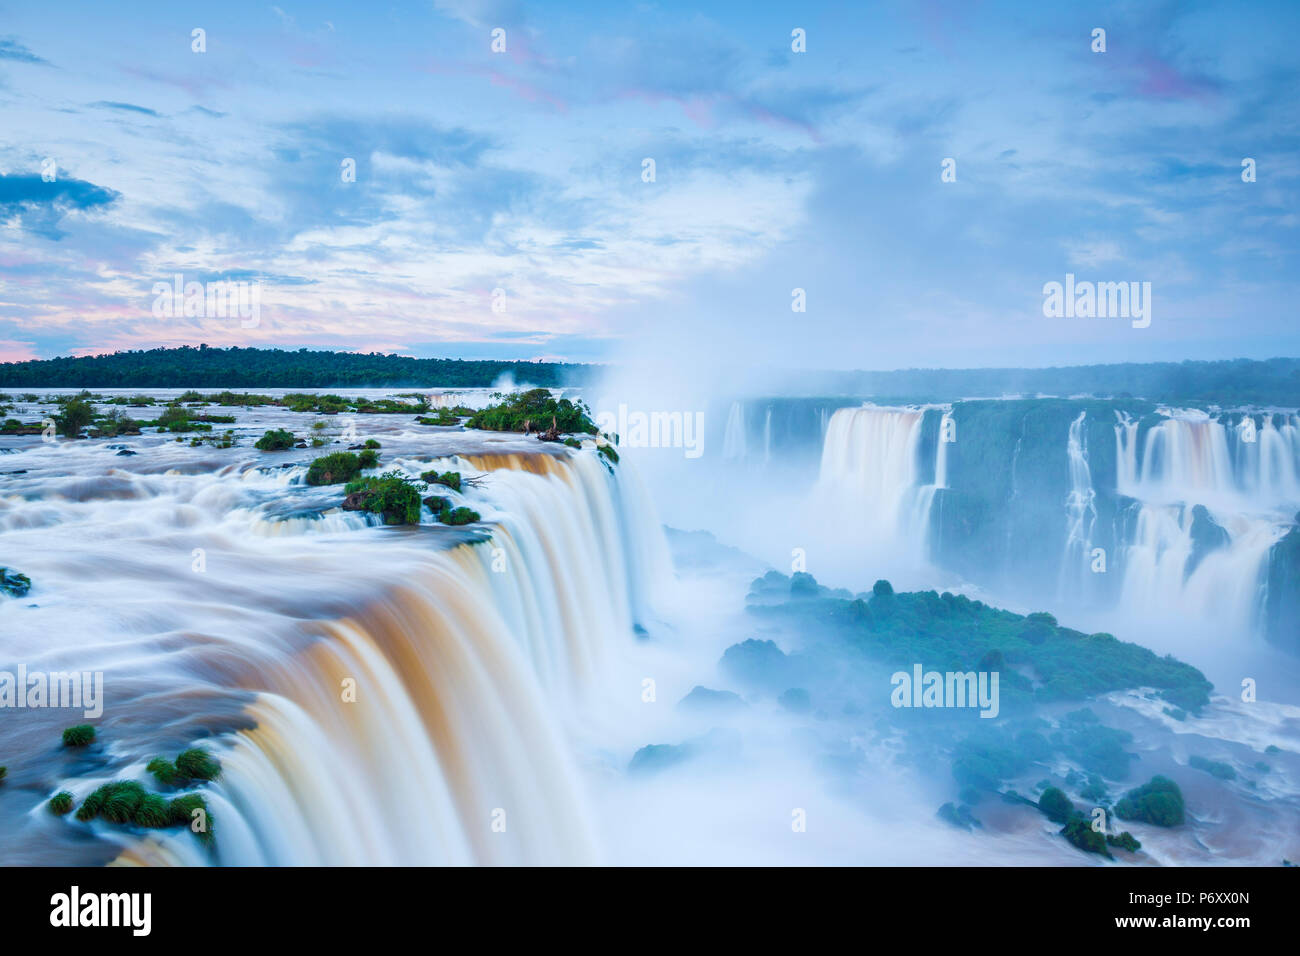 Cascate Iguacu, Stato di Parana, Brasile Immagini Stock